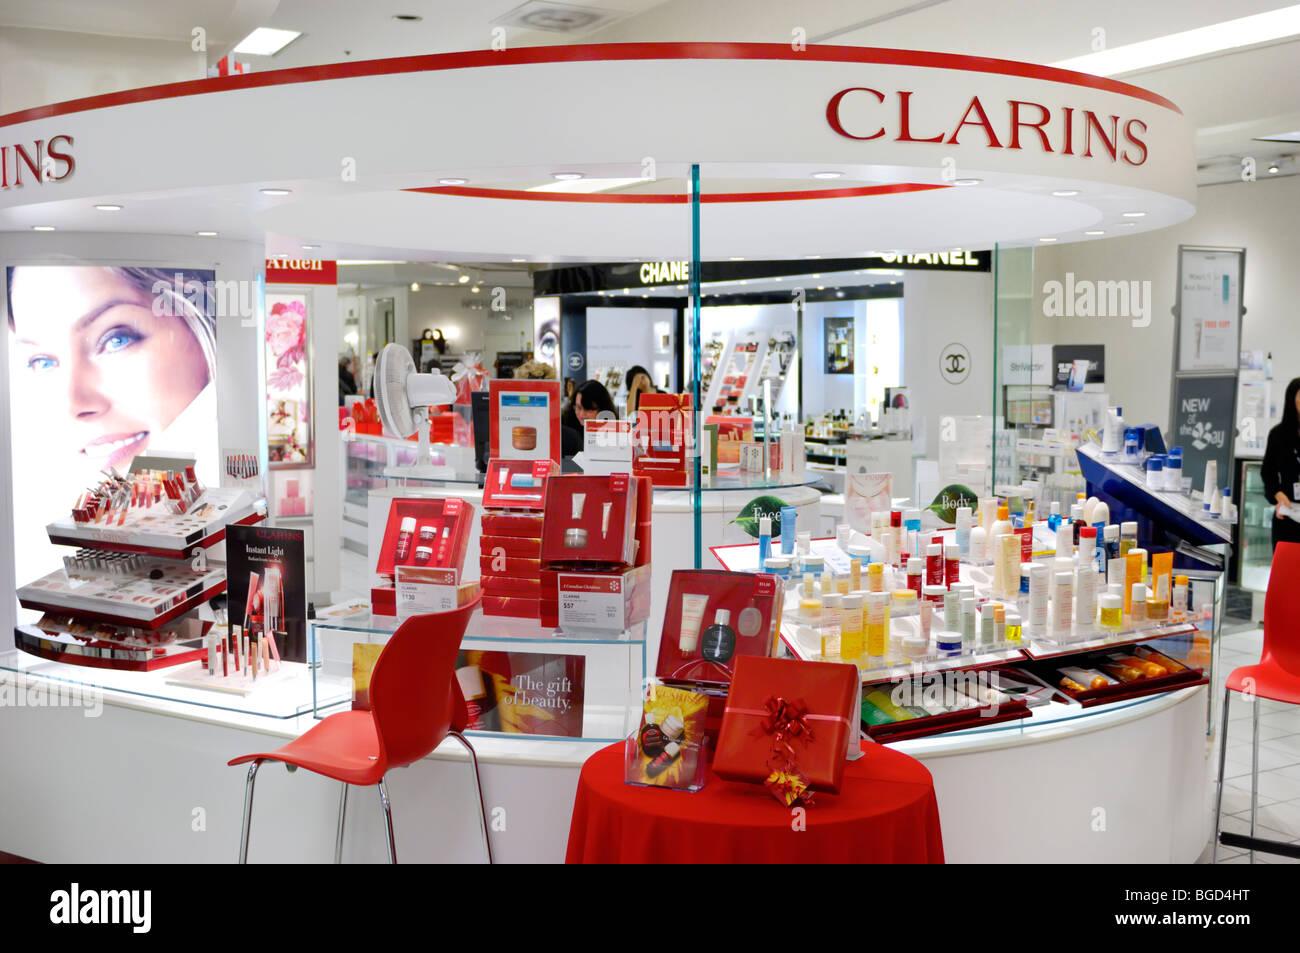 Clarins Kosmetik und Make-up Anzeigen in einem Einkaufszentrum in Toronto, Kanada Stockbild